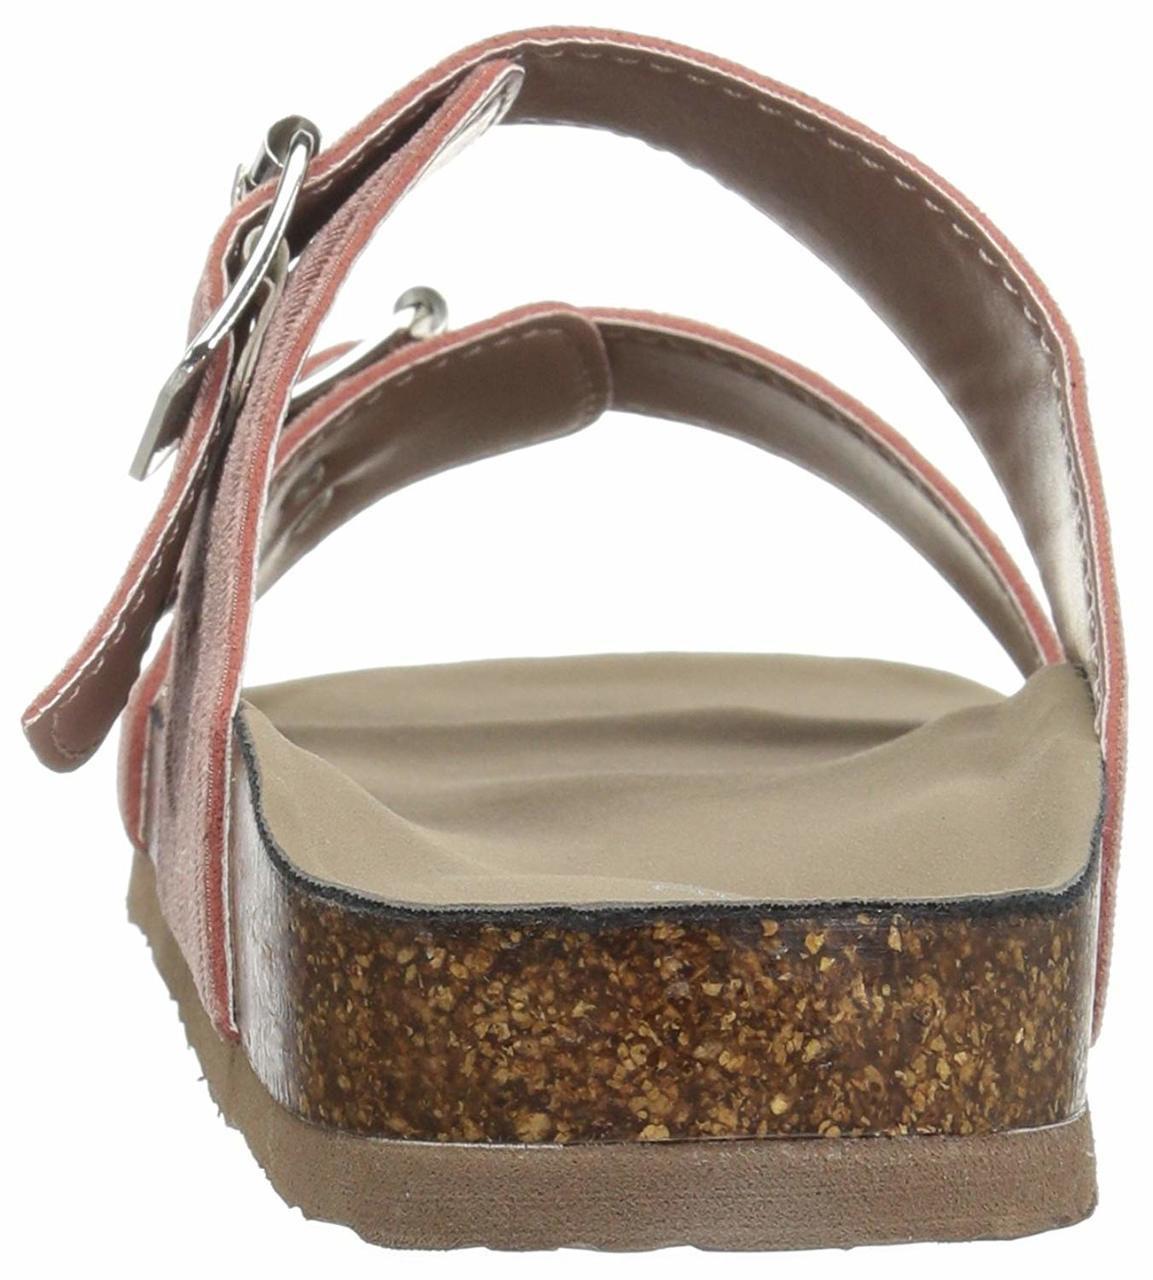 d96d13197c5c Madden Girl Women's Brando-v Flat Sandal~pp-91f6ec05 - Boston Store